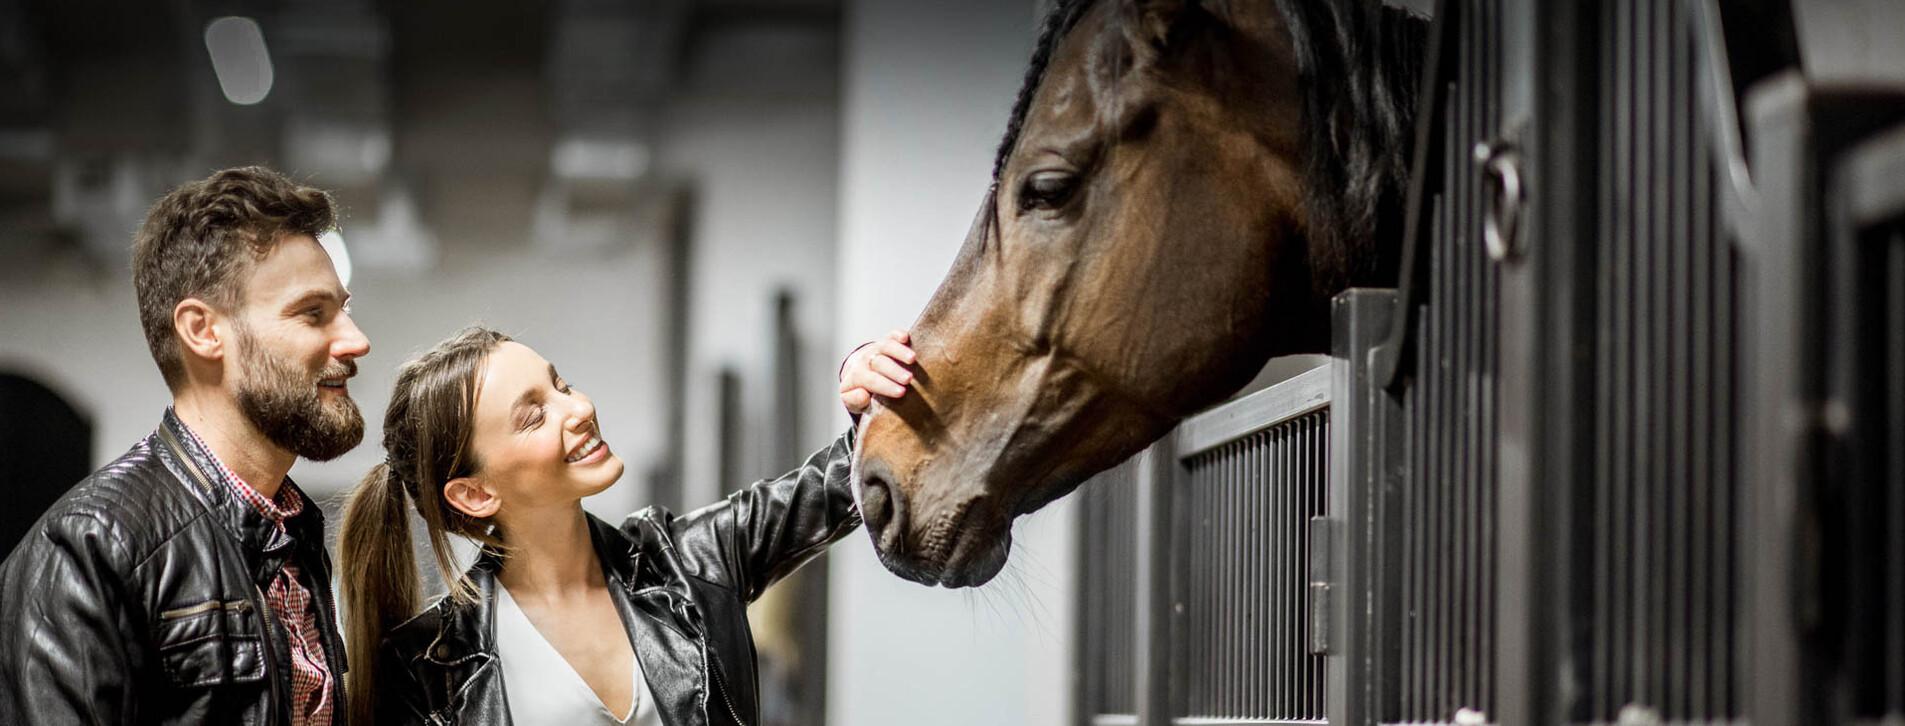 Фото 1 - Экскурсия на конюшню для двоих